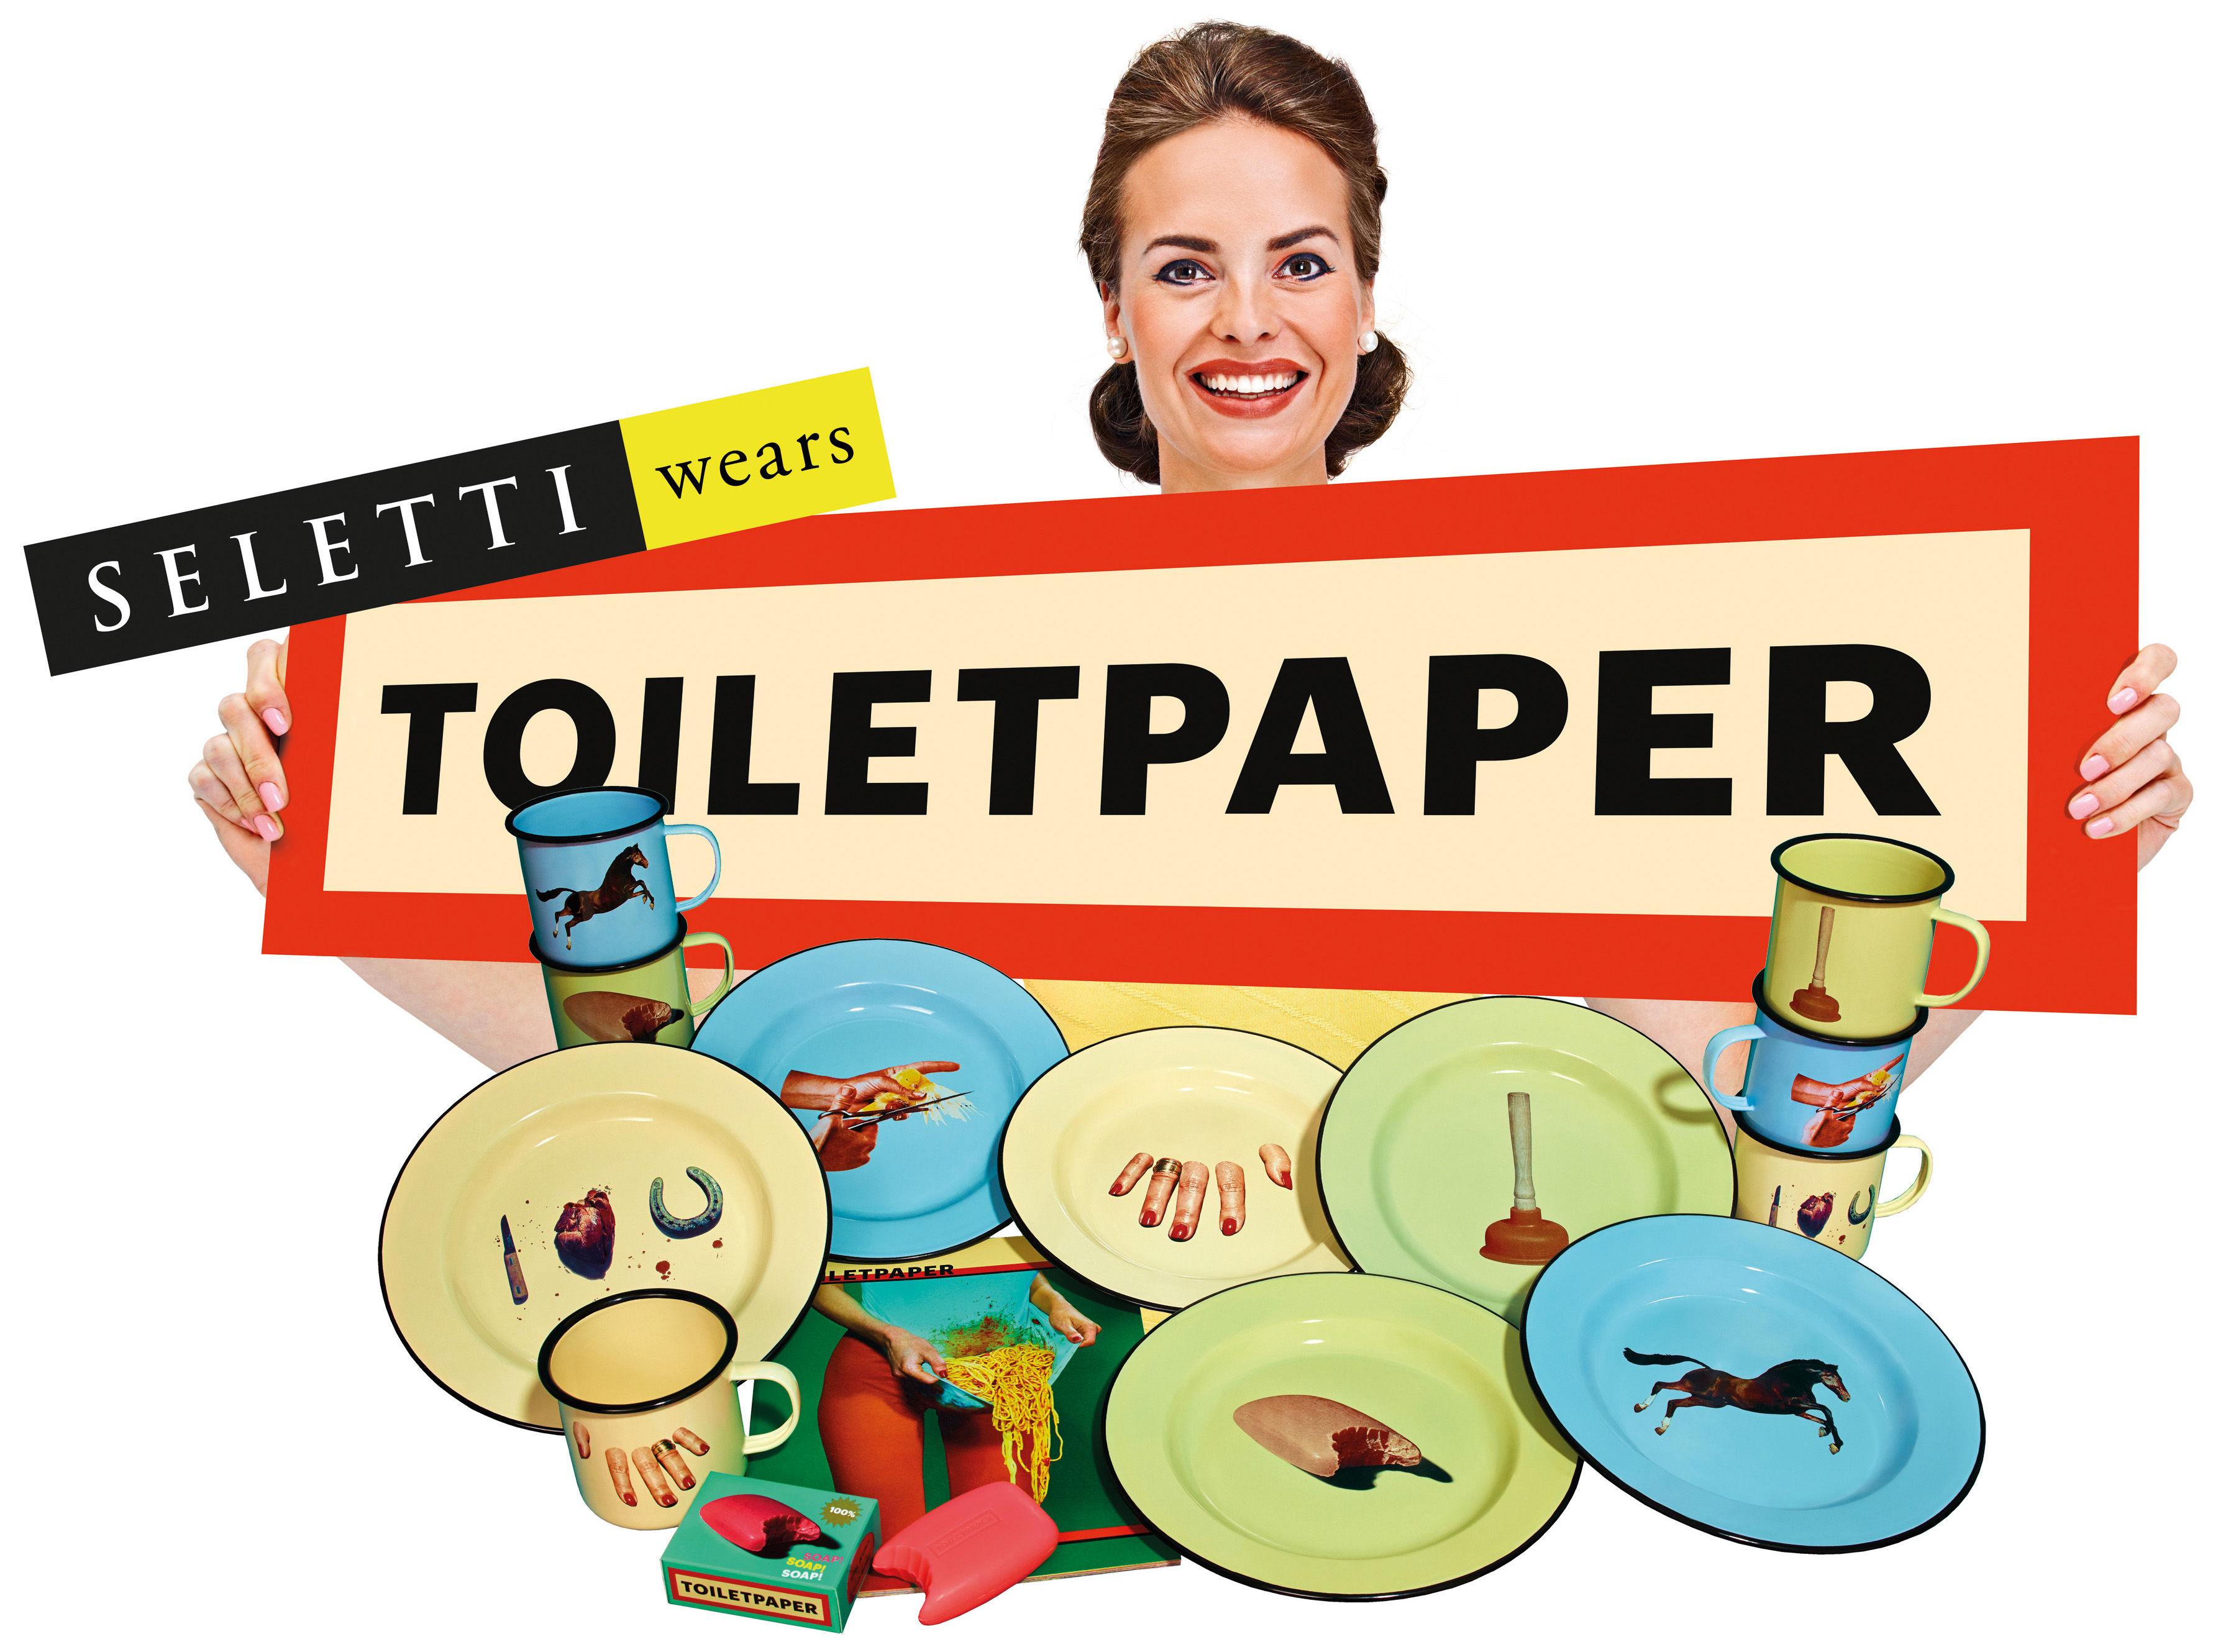 TOILETPAPER ASSIETTE D2CO SELETTI